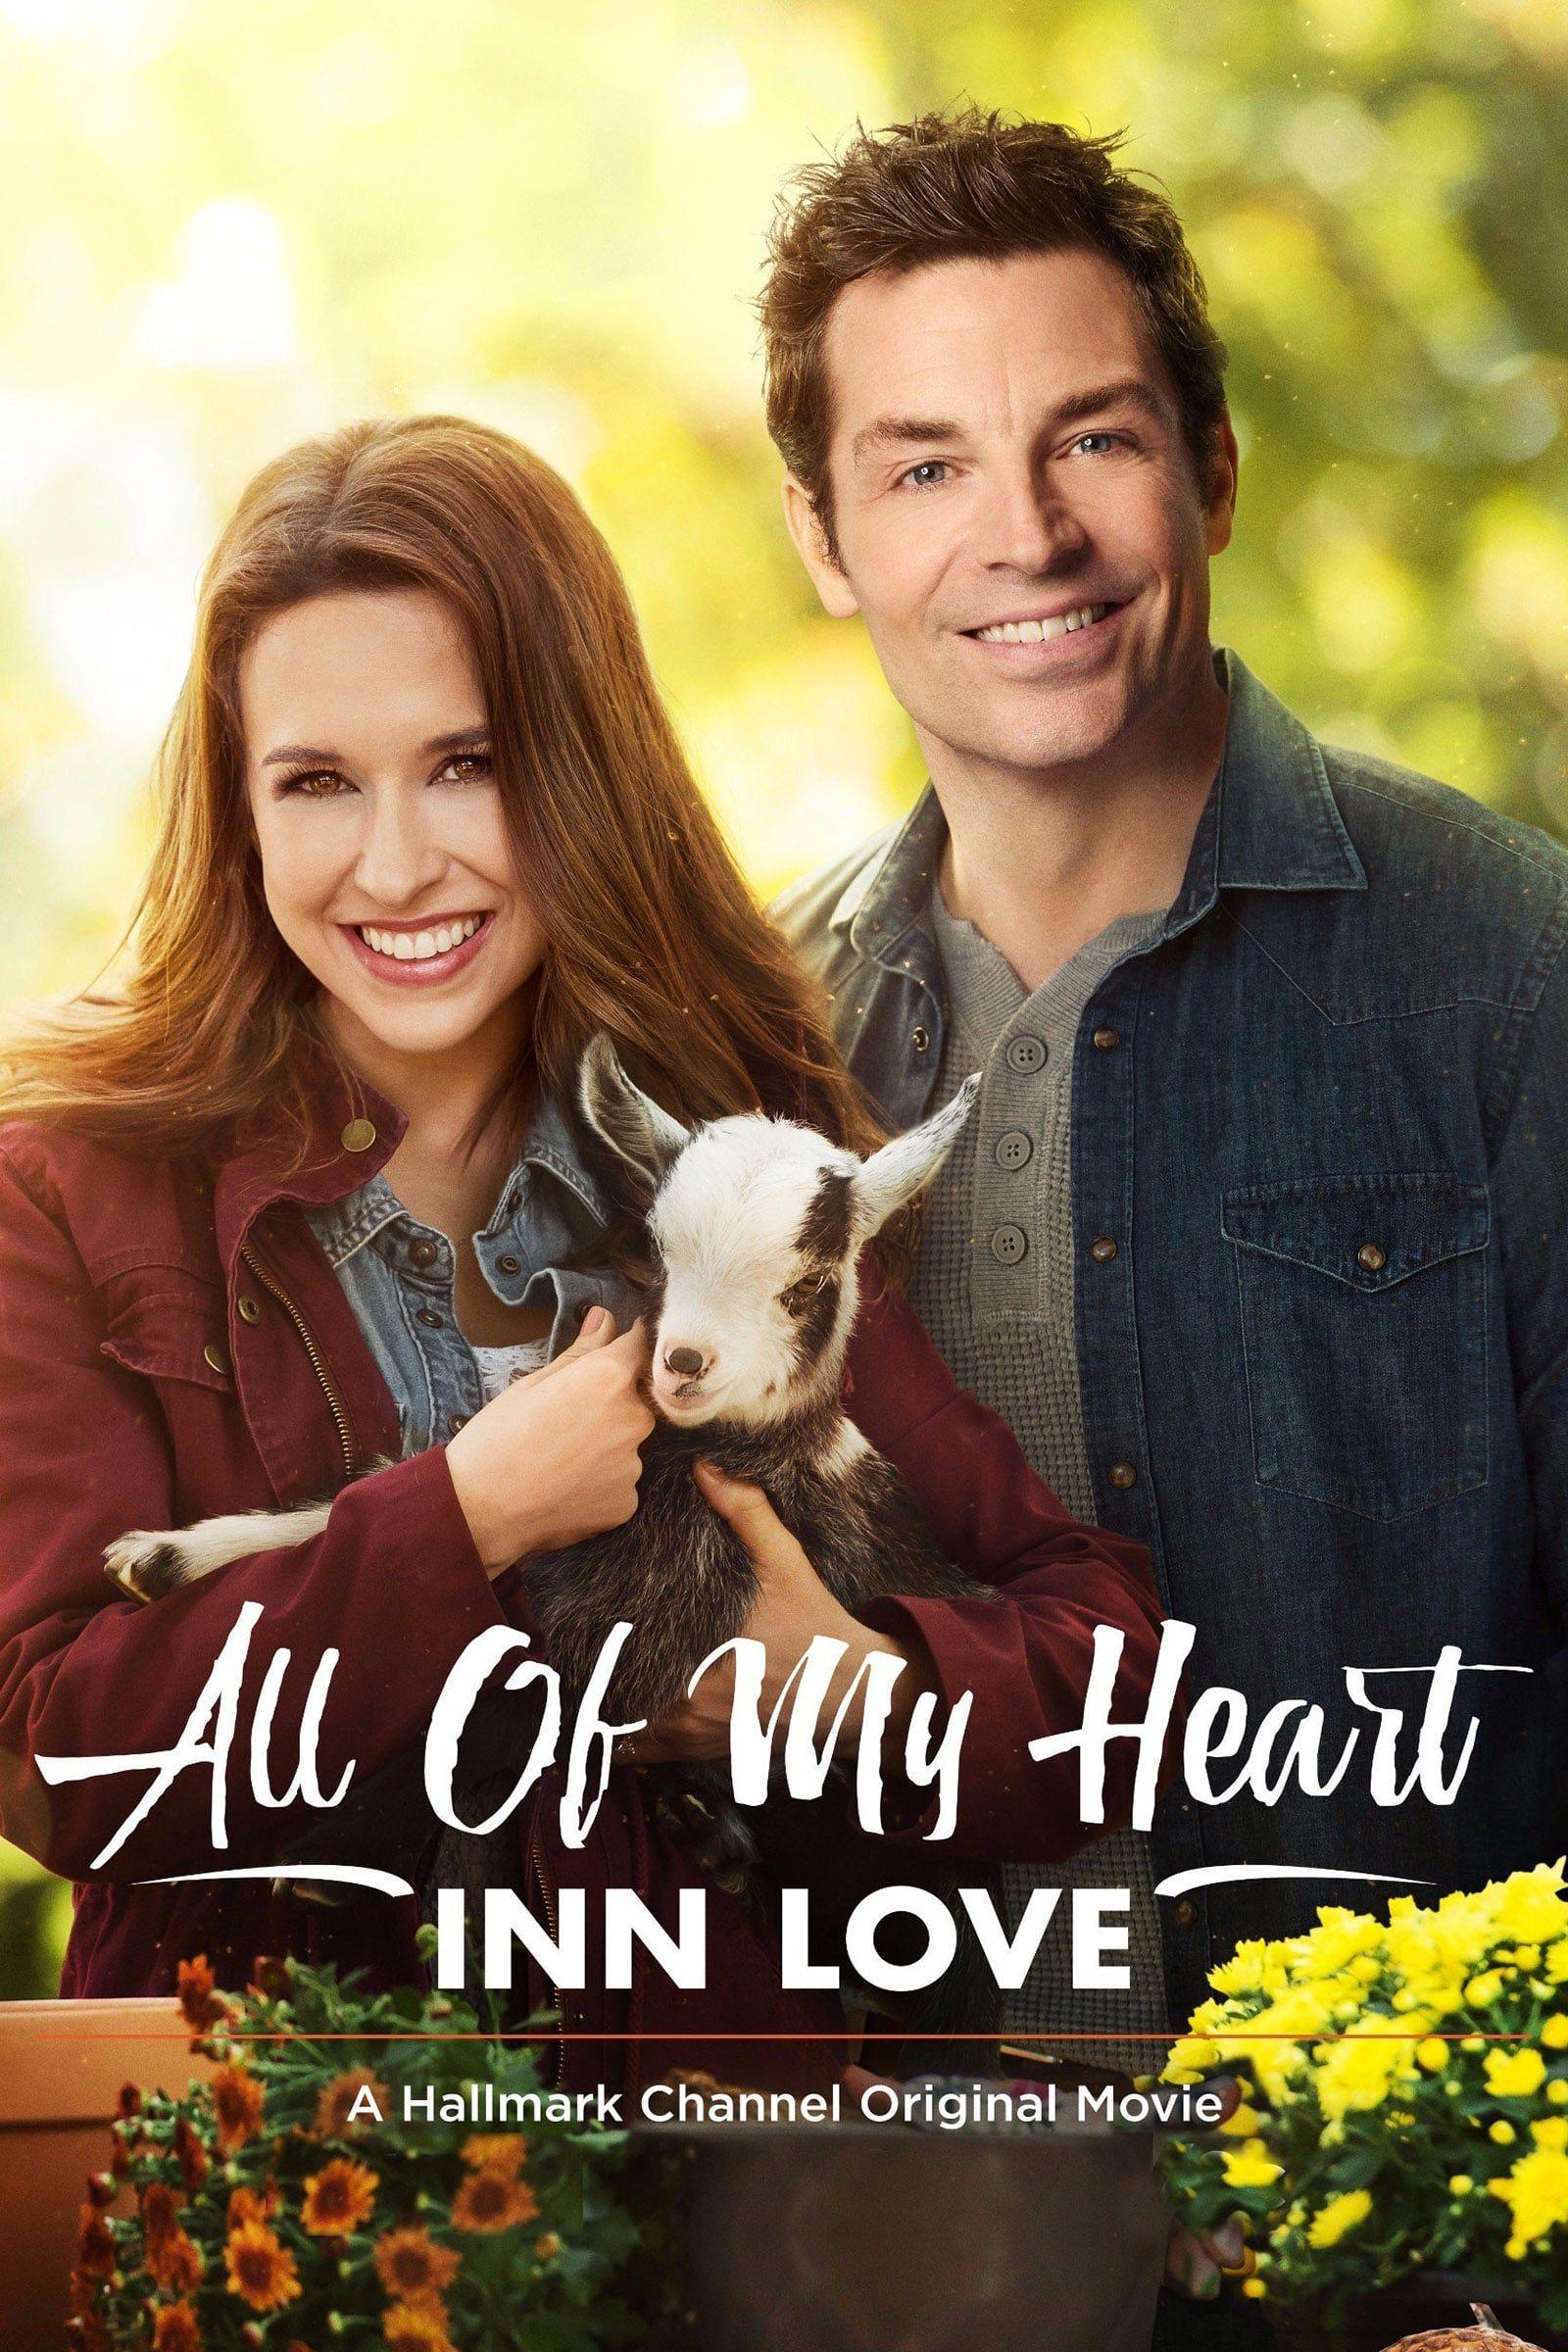 Regarder All of My Heart Inn Love Film en ligne